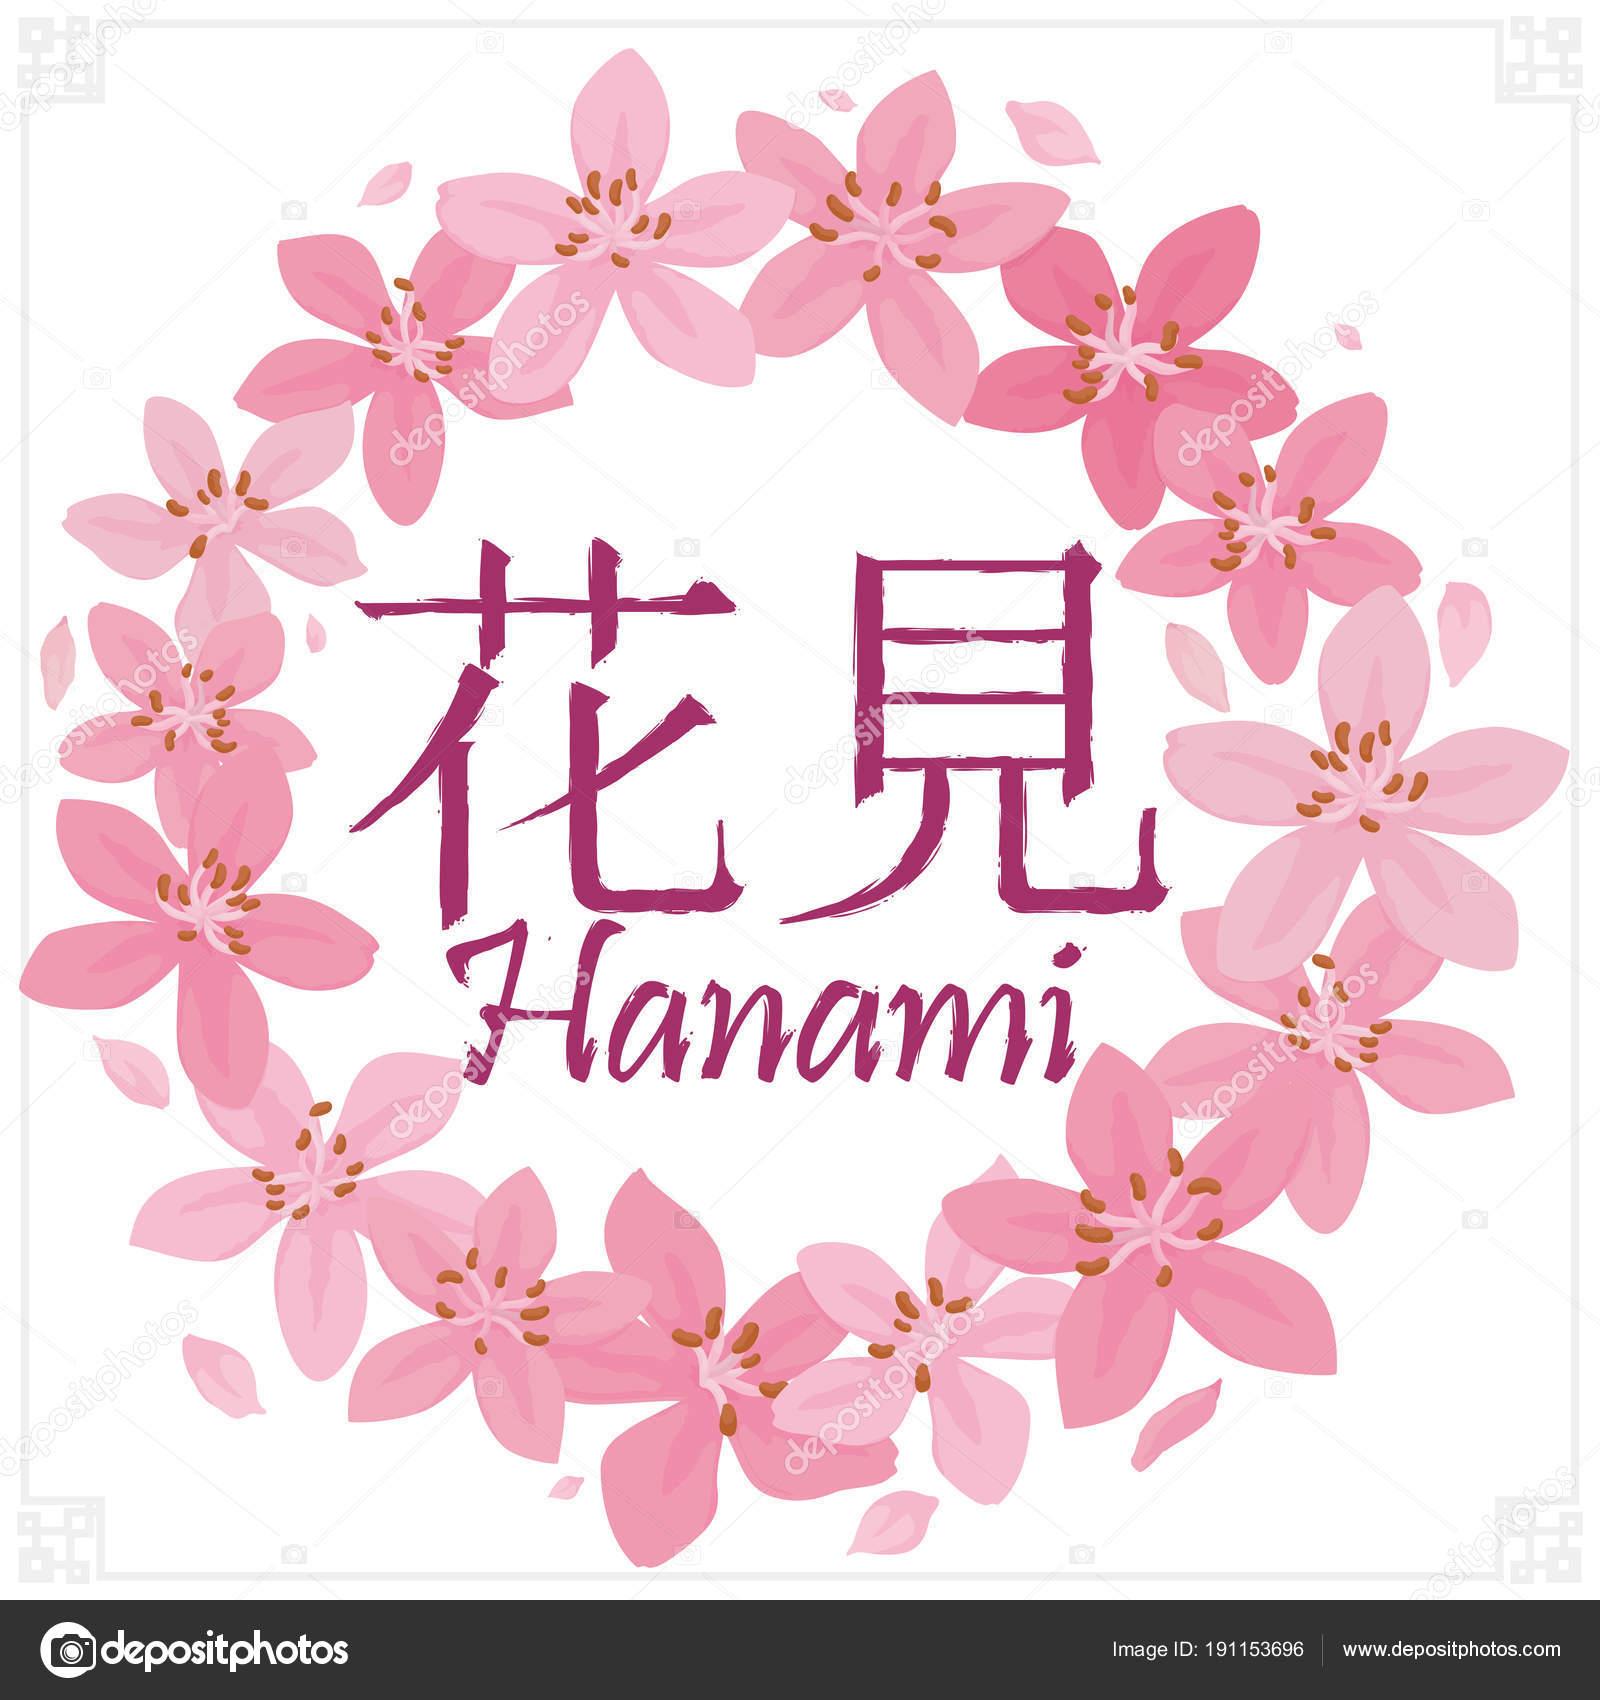 ベクトル イラスト花見祭を祝うために桜の花と花びらの輪 ストック